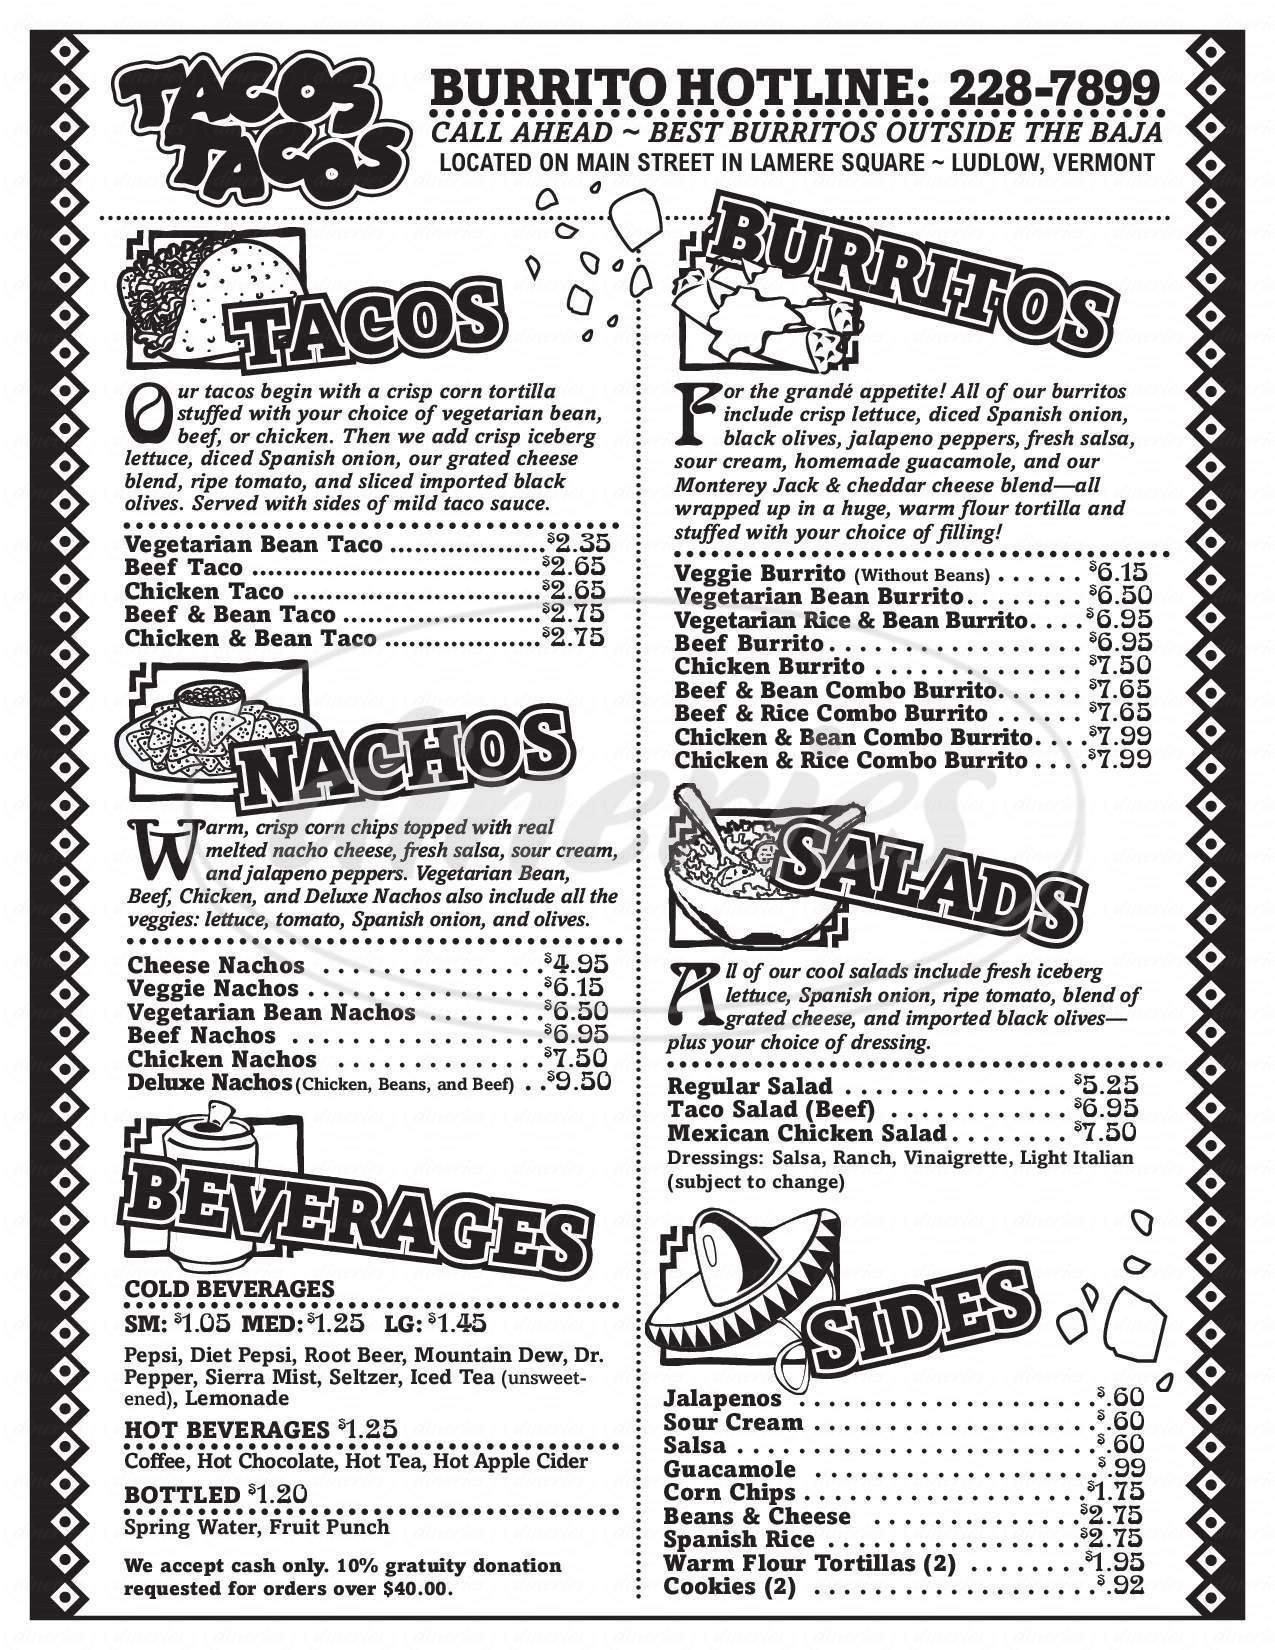 menu for Taco's Taco's